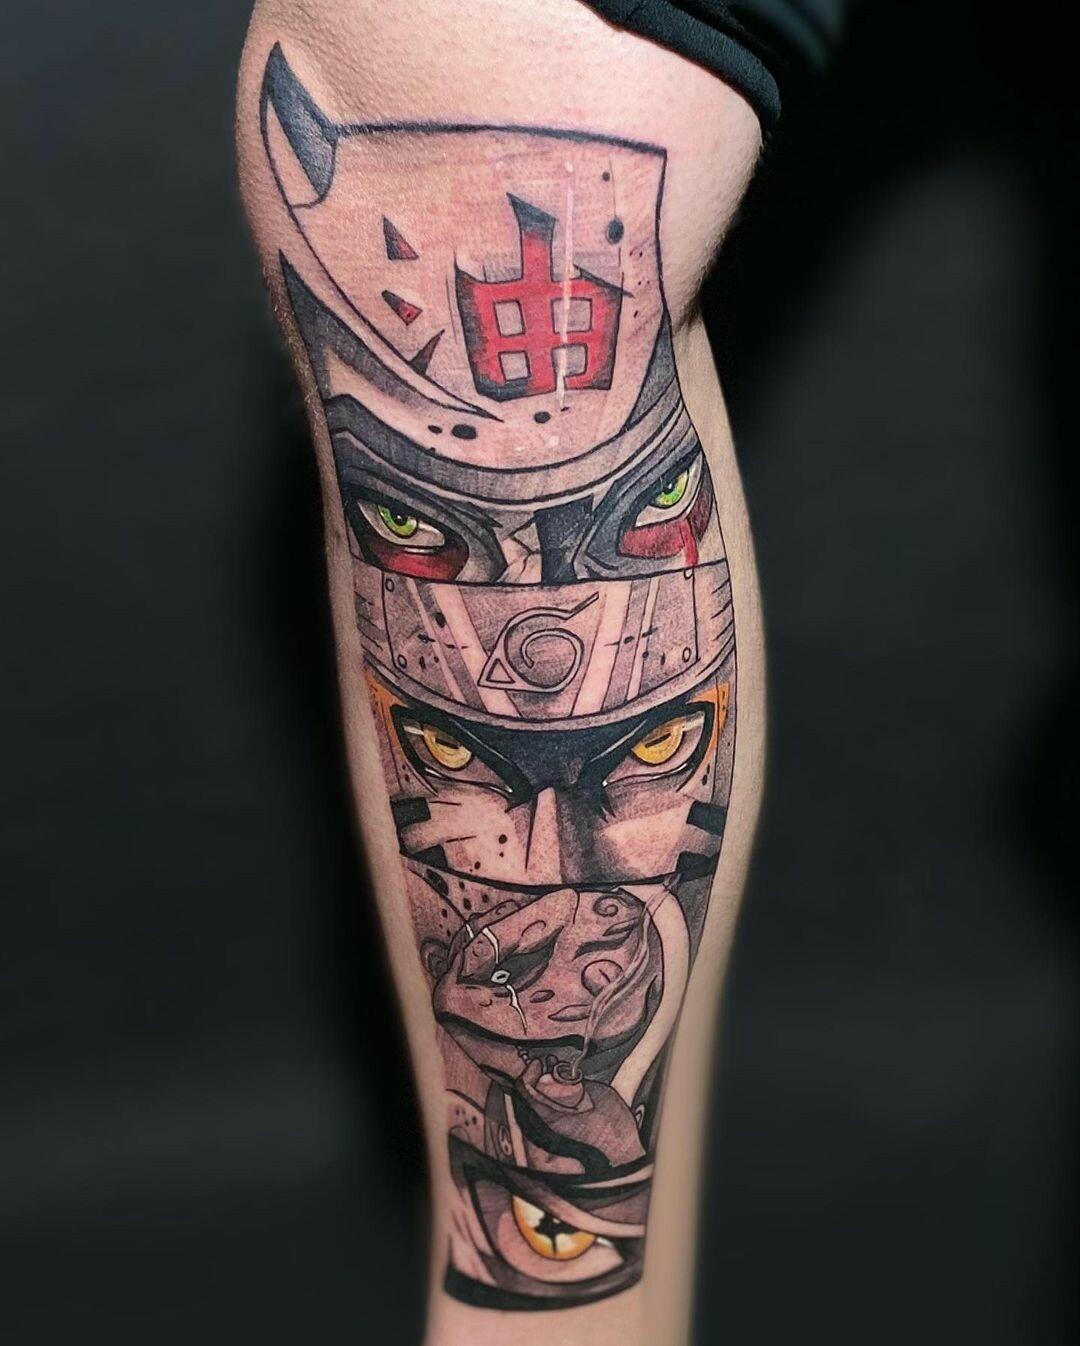 Inksearch tattoo PAIN TATTOO SZCZECIN